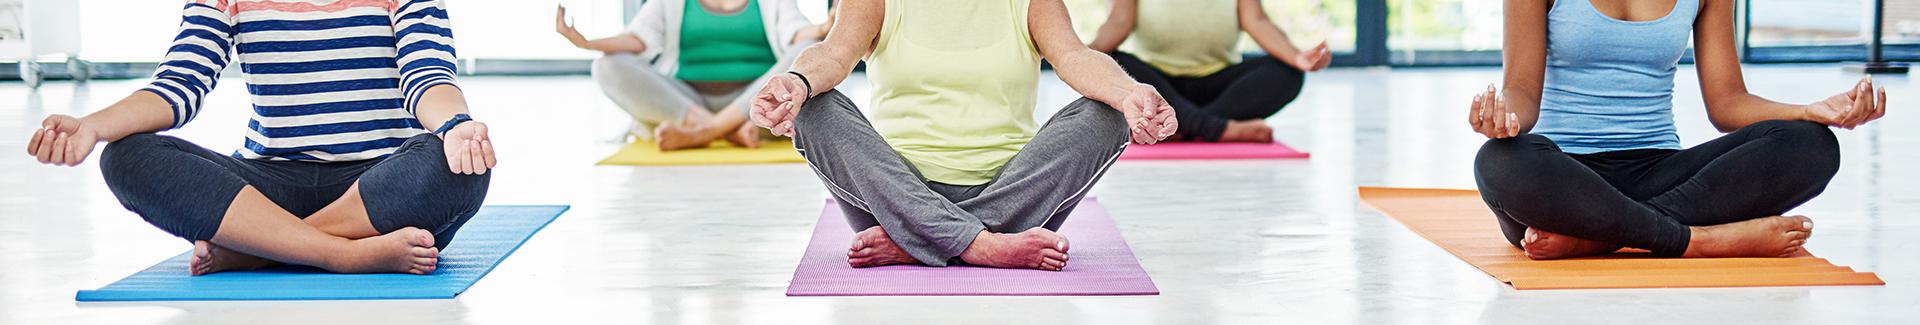 Women on floor mats practicing yoga